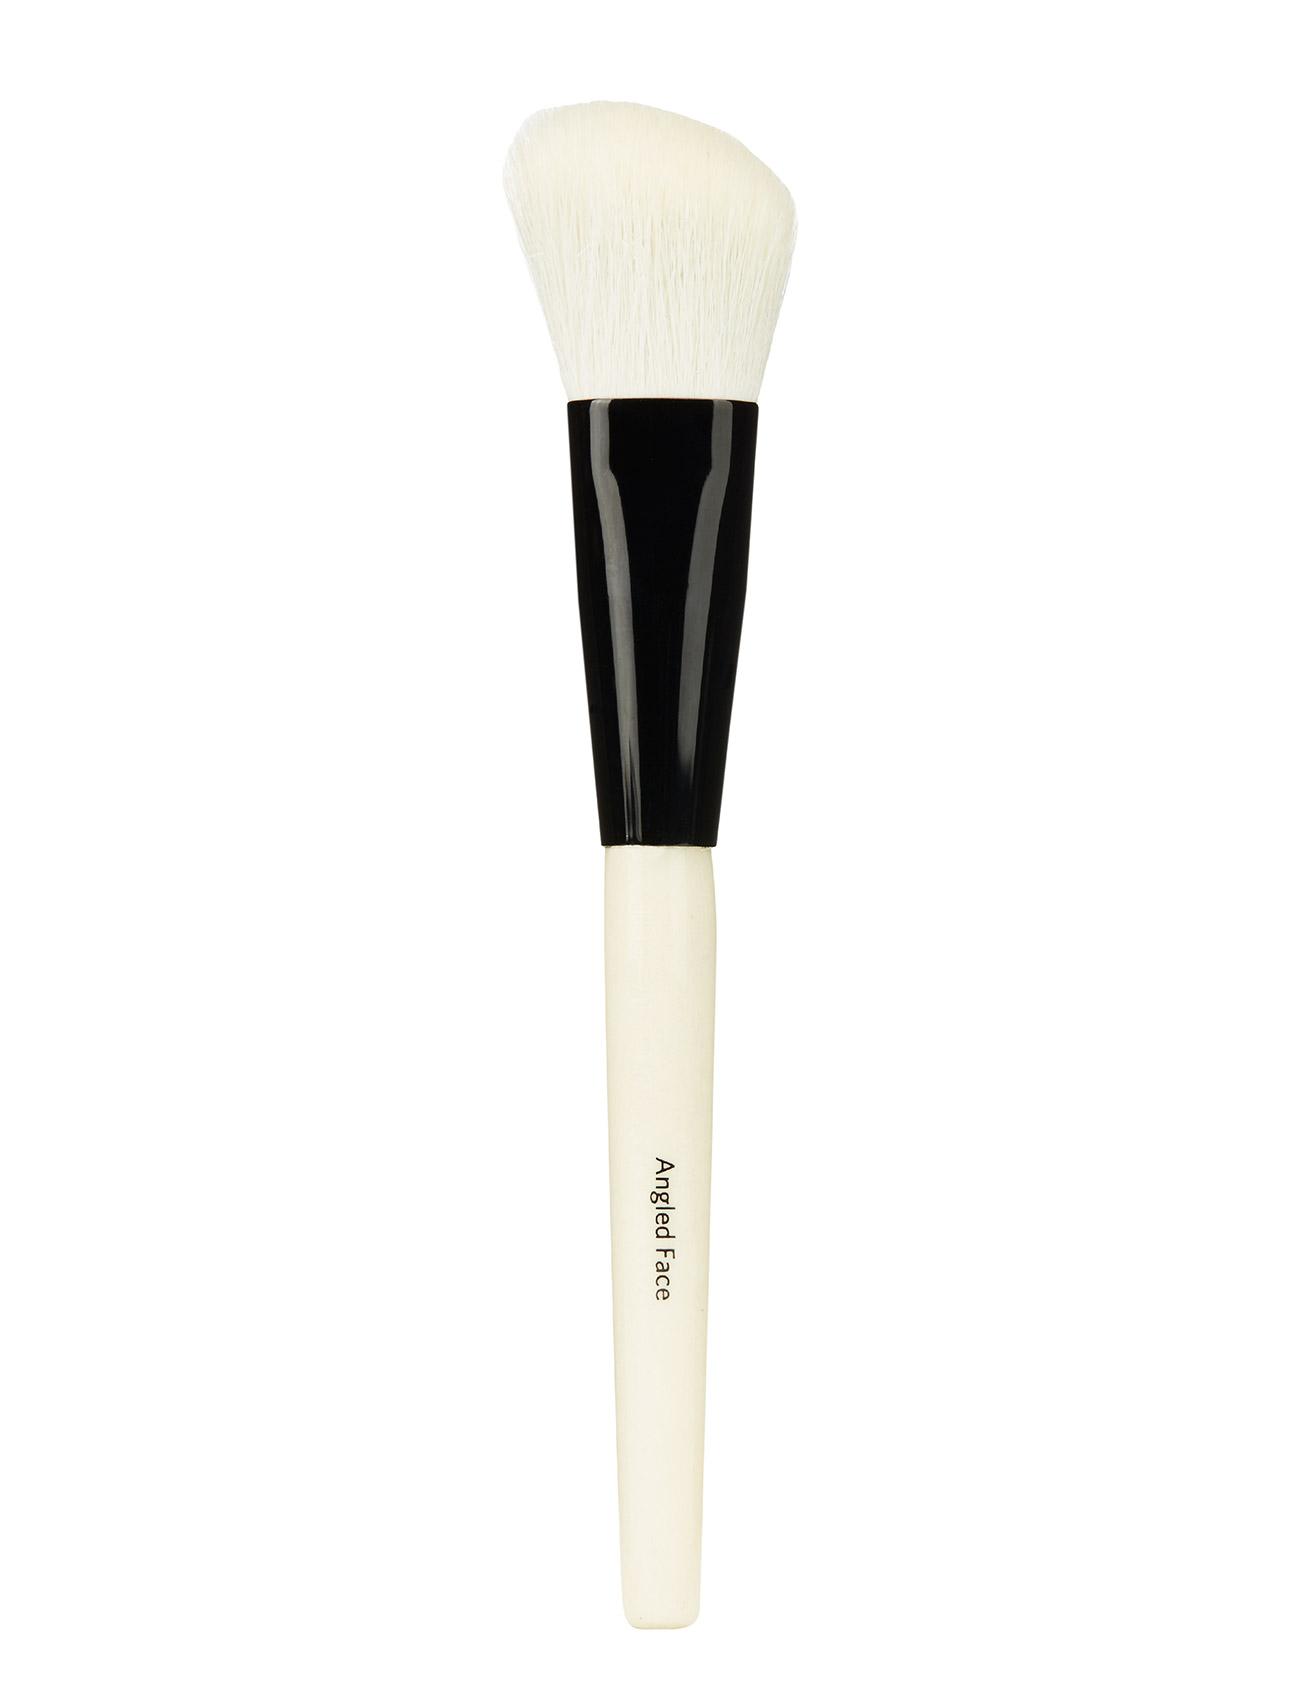 Bild på Angled Face Brush